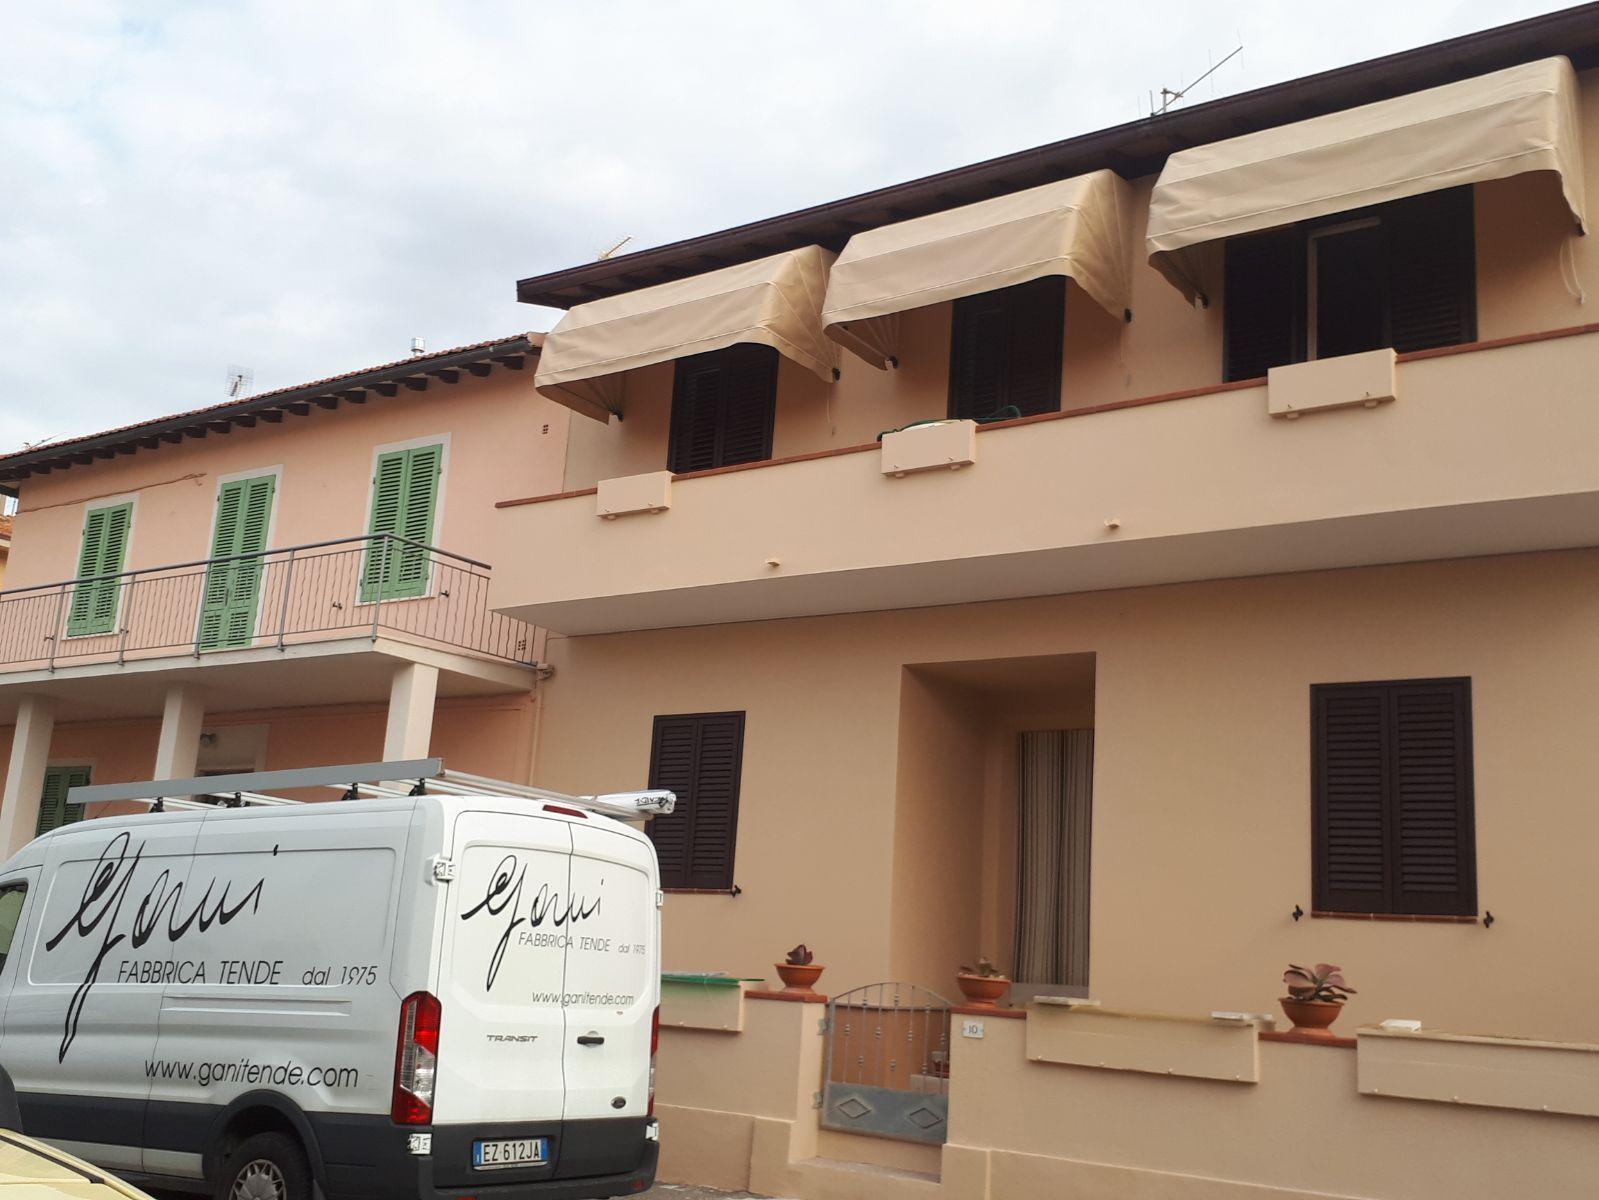 Awesome Coprire Terrazzo Photos - Idee Arredamento Casa - baoliao.us